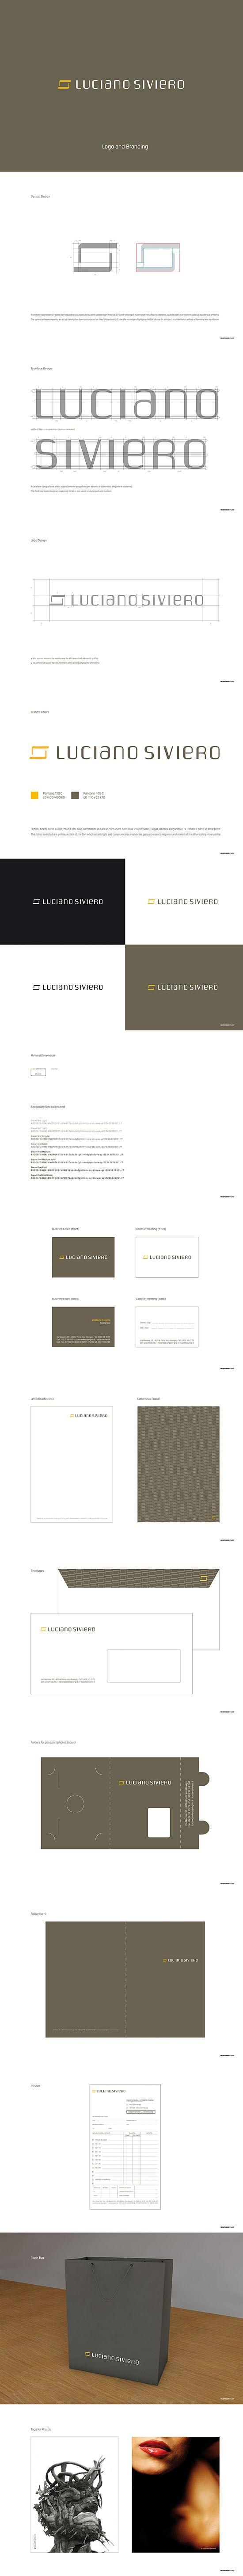 Logo Design and Corporate Identity for Luciano Siviero - © Concreate Studio®